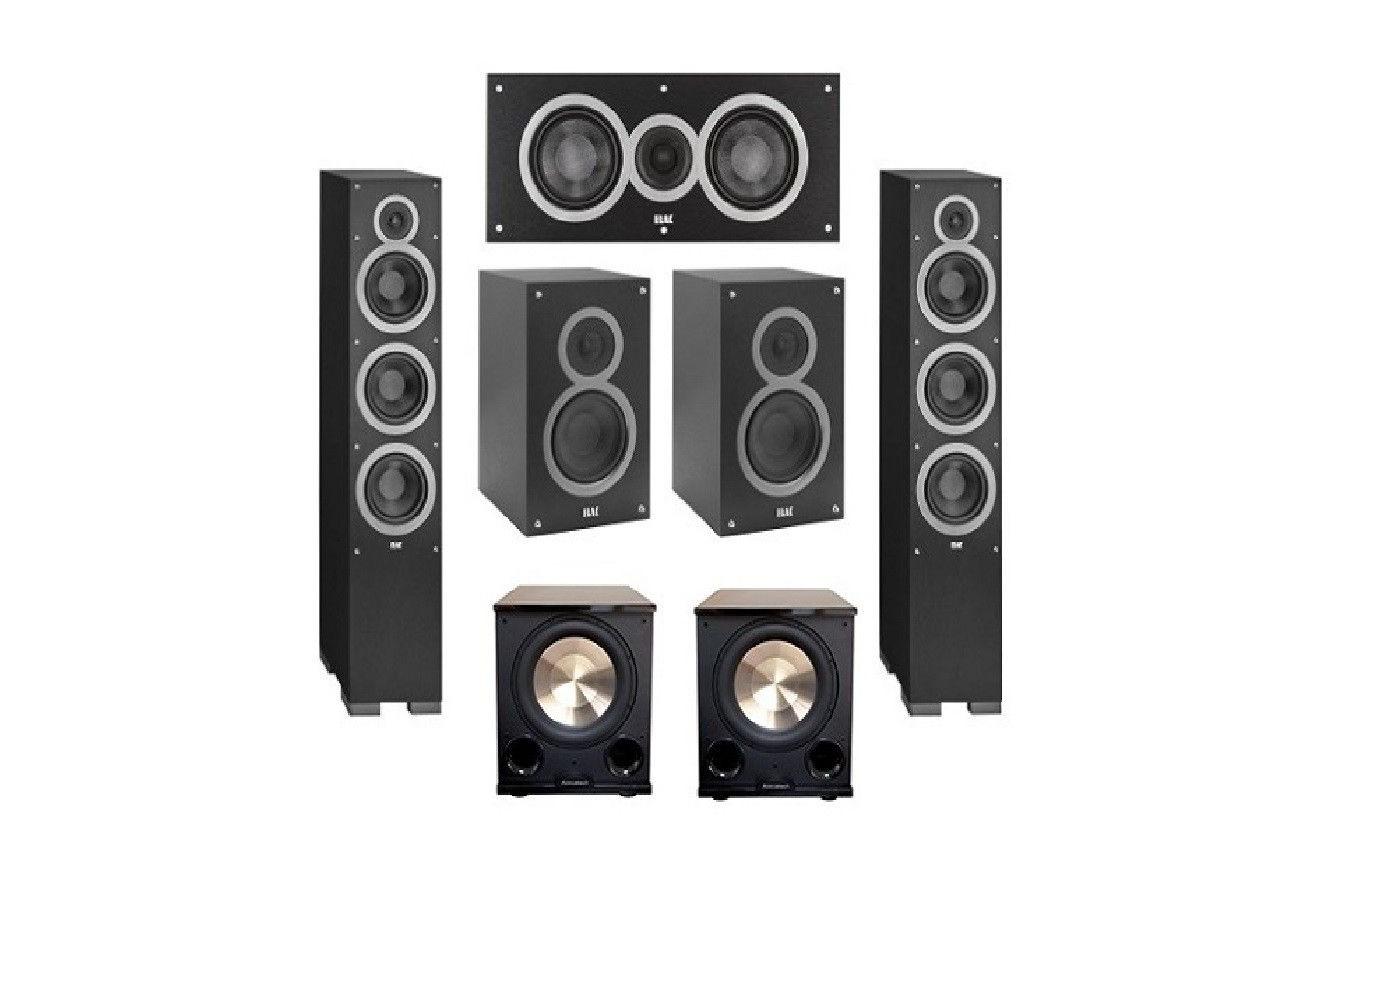 Elac 52 System With 2 Debut F6 Floorstanding Speakers 1 C5 Center Speaker B5 Bookshelf